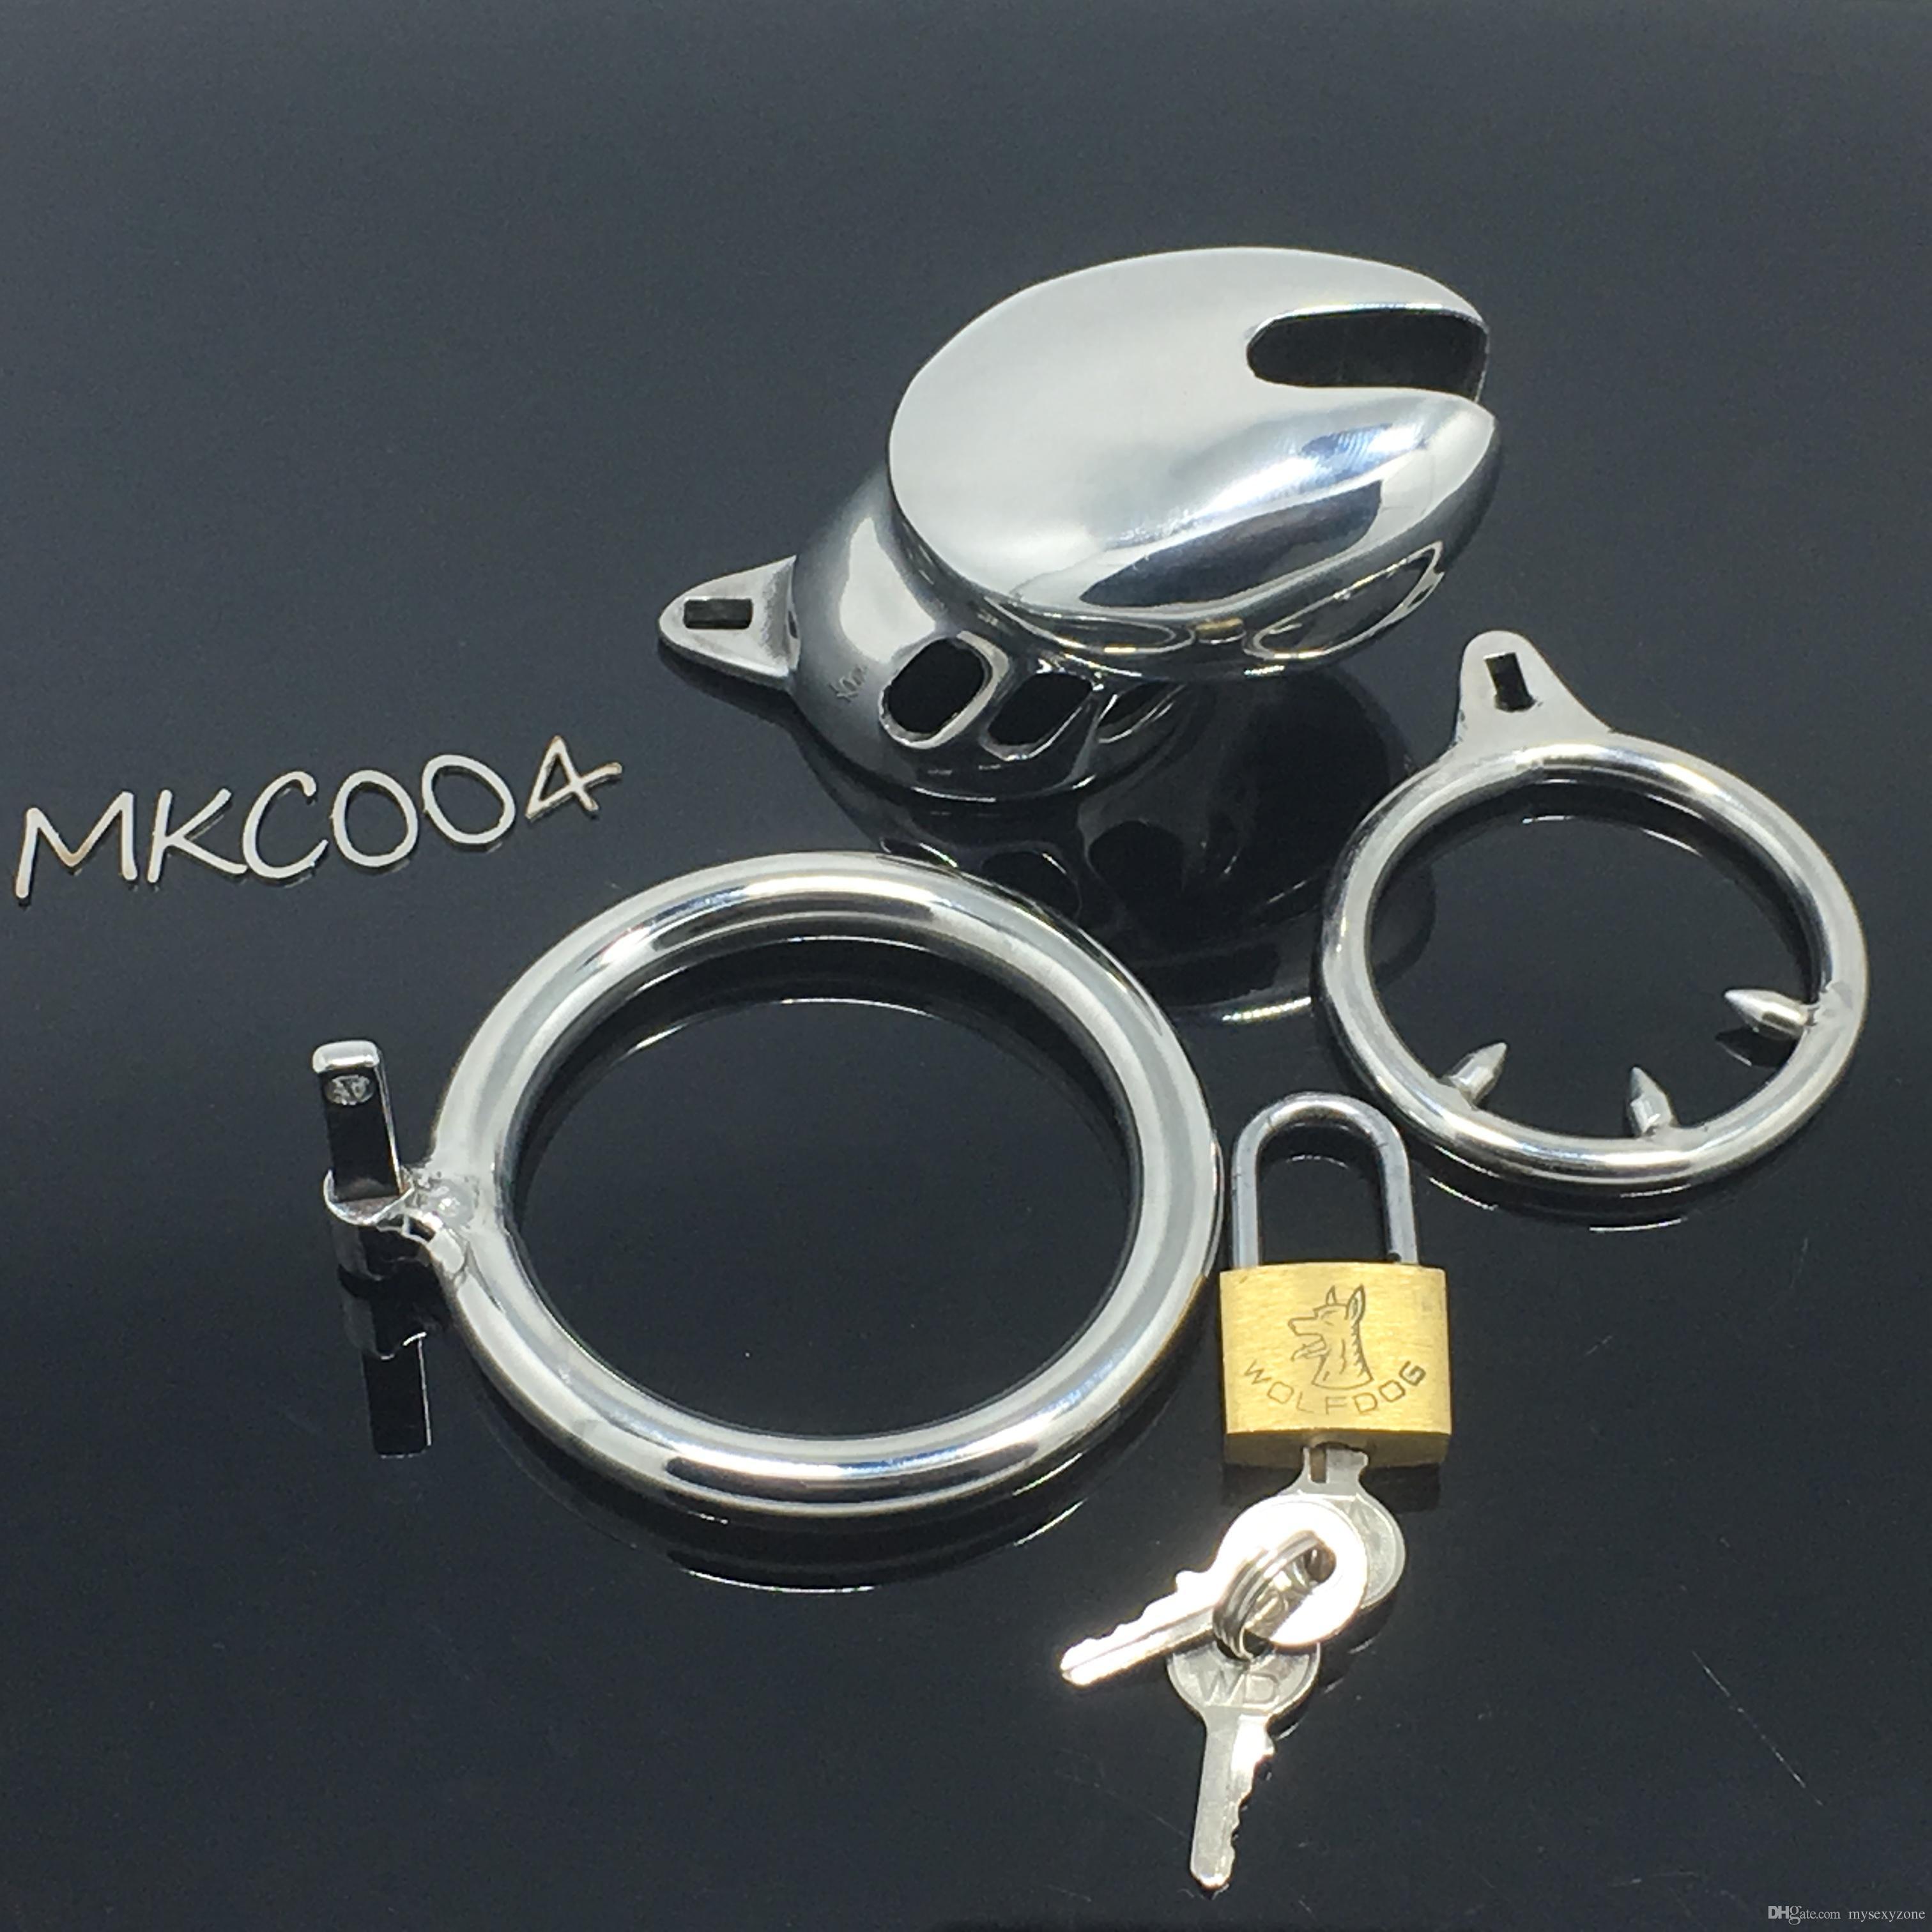 Acier inoxydable Super avec Chastité Homme Cock Prison Cock Curve Bird Curve Device Bague BDSM Adulte Cage Cage CB6000S Small MKC004 CUWSC